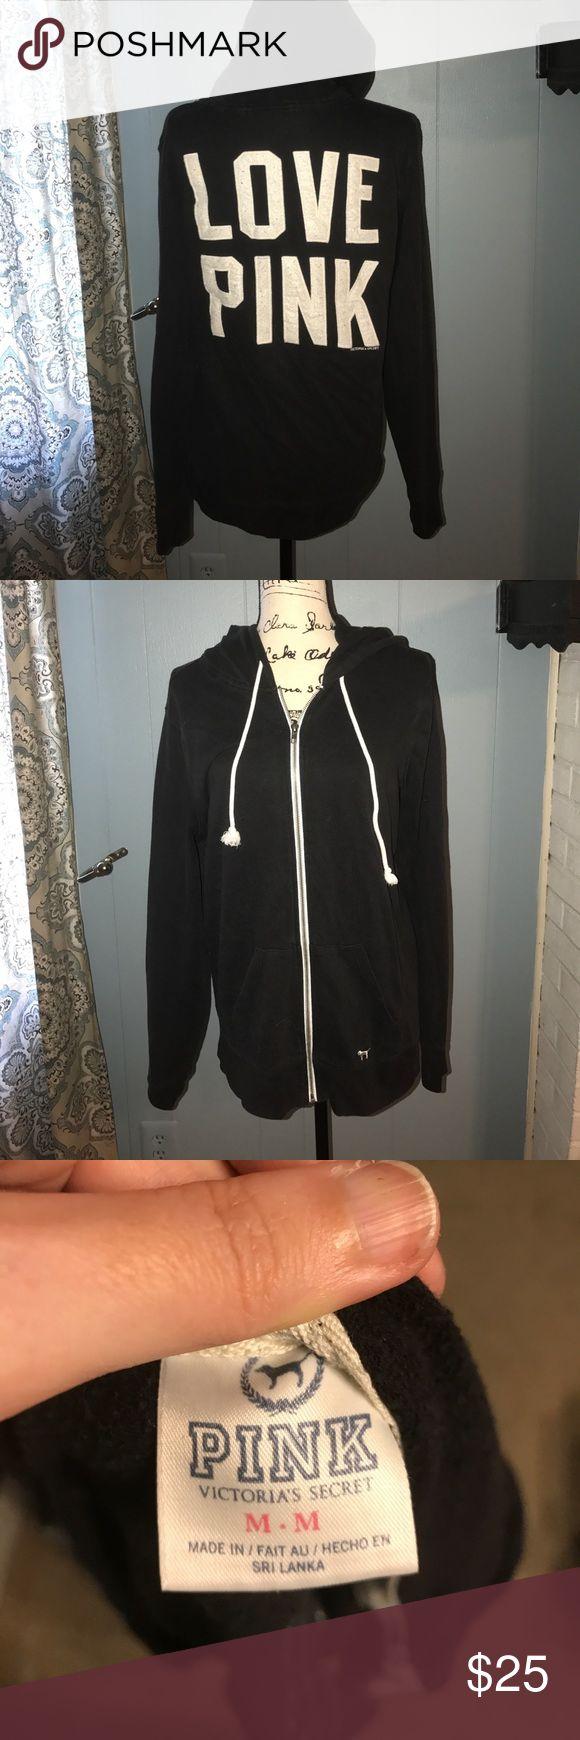 VS PINK ZIP UP BLACK/WHITE HOODIE size medium- black and white zip up hoodie PINK Victoria's Secret Tops Sweatshirts & Hoodies